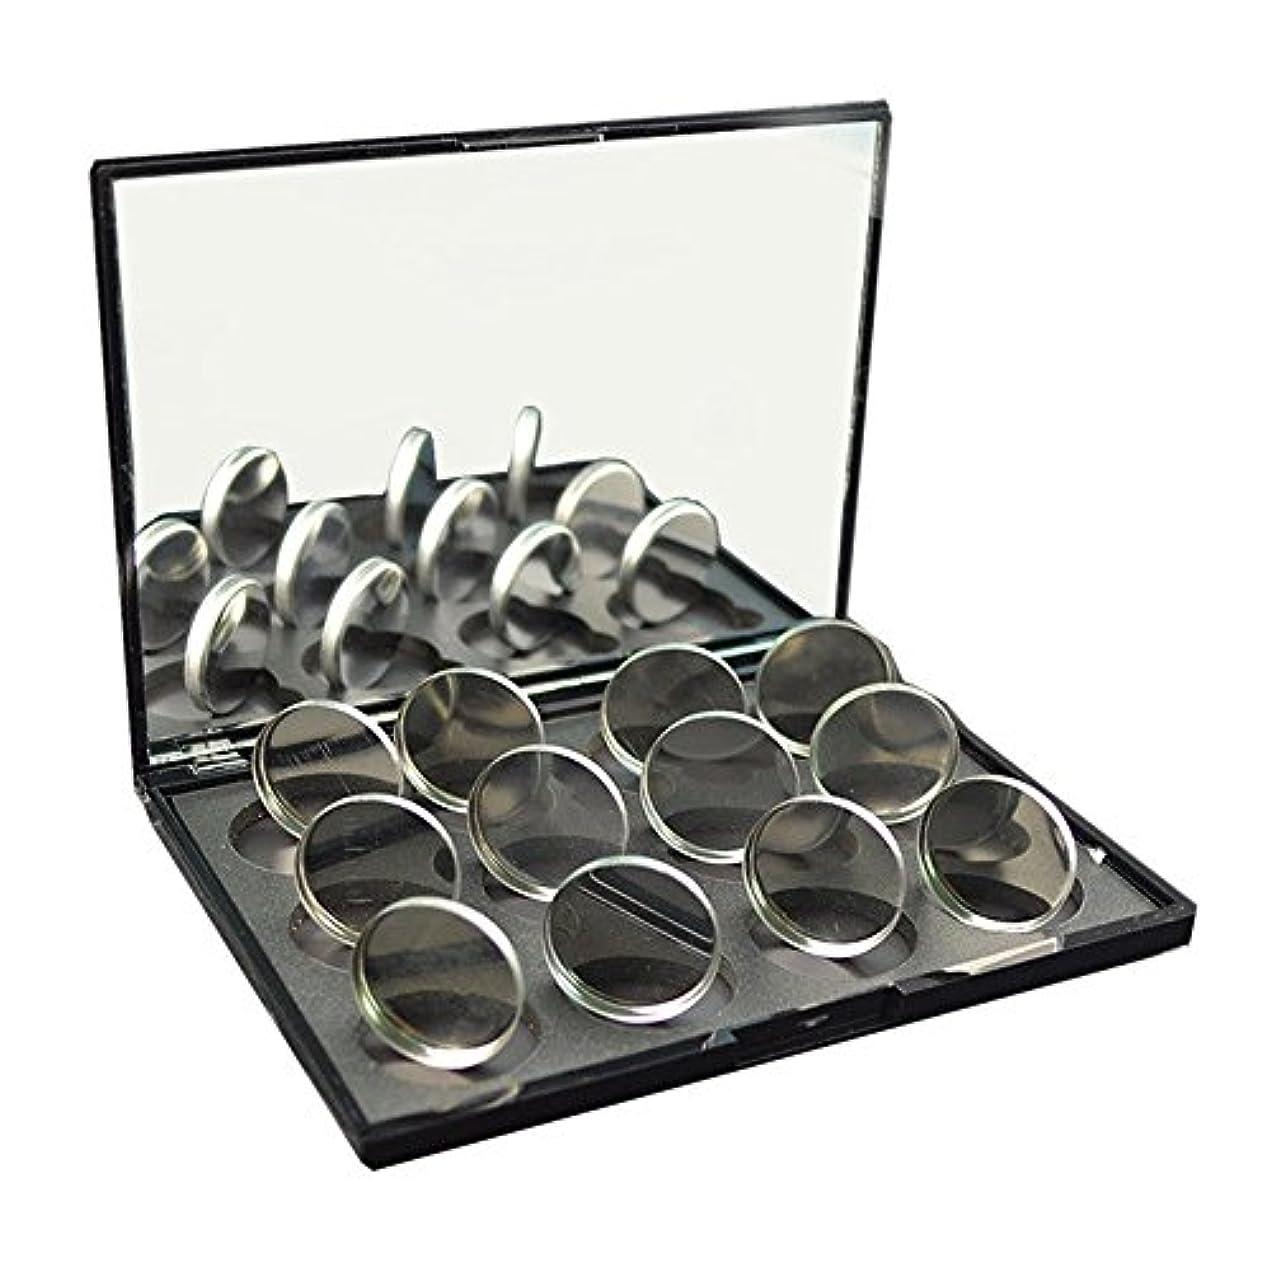 常識グレートオーク窒素磁石に敏感な粉のアイシャドウ26mmのための100pcs空の円形の錫鍋